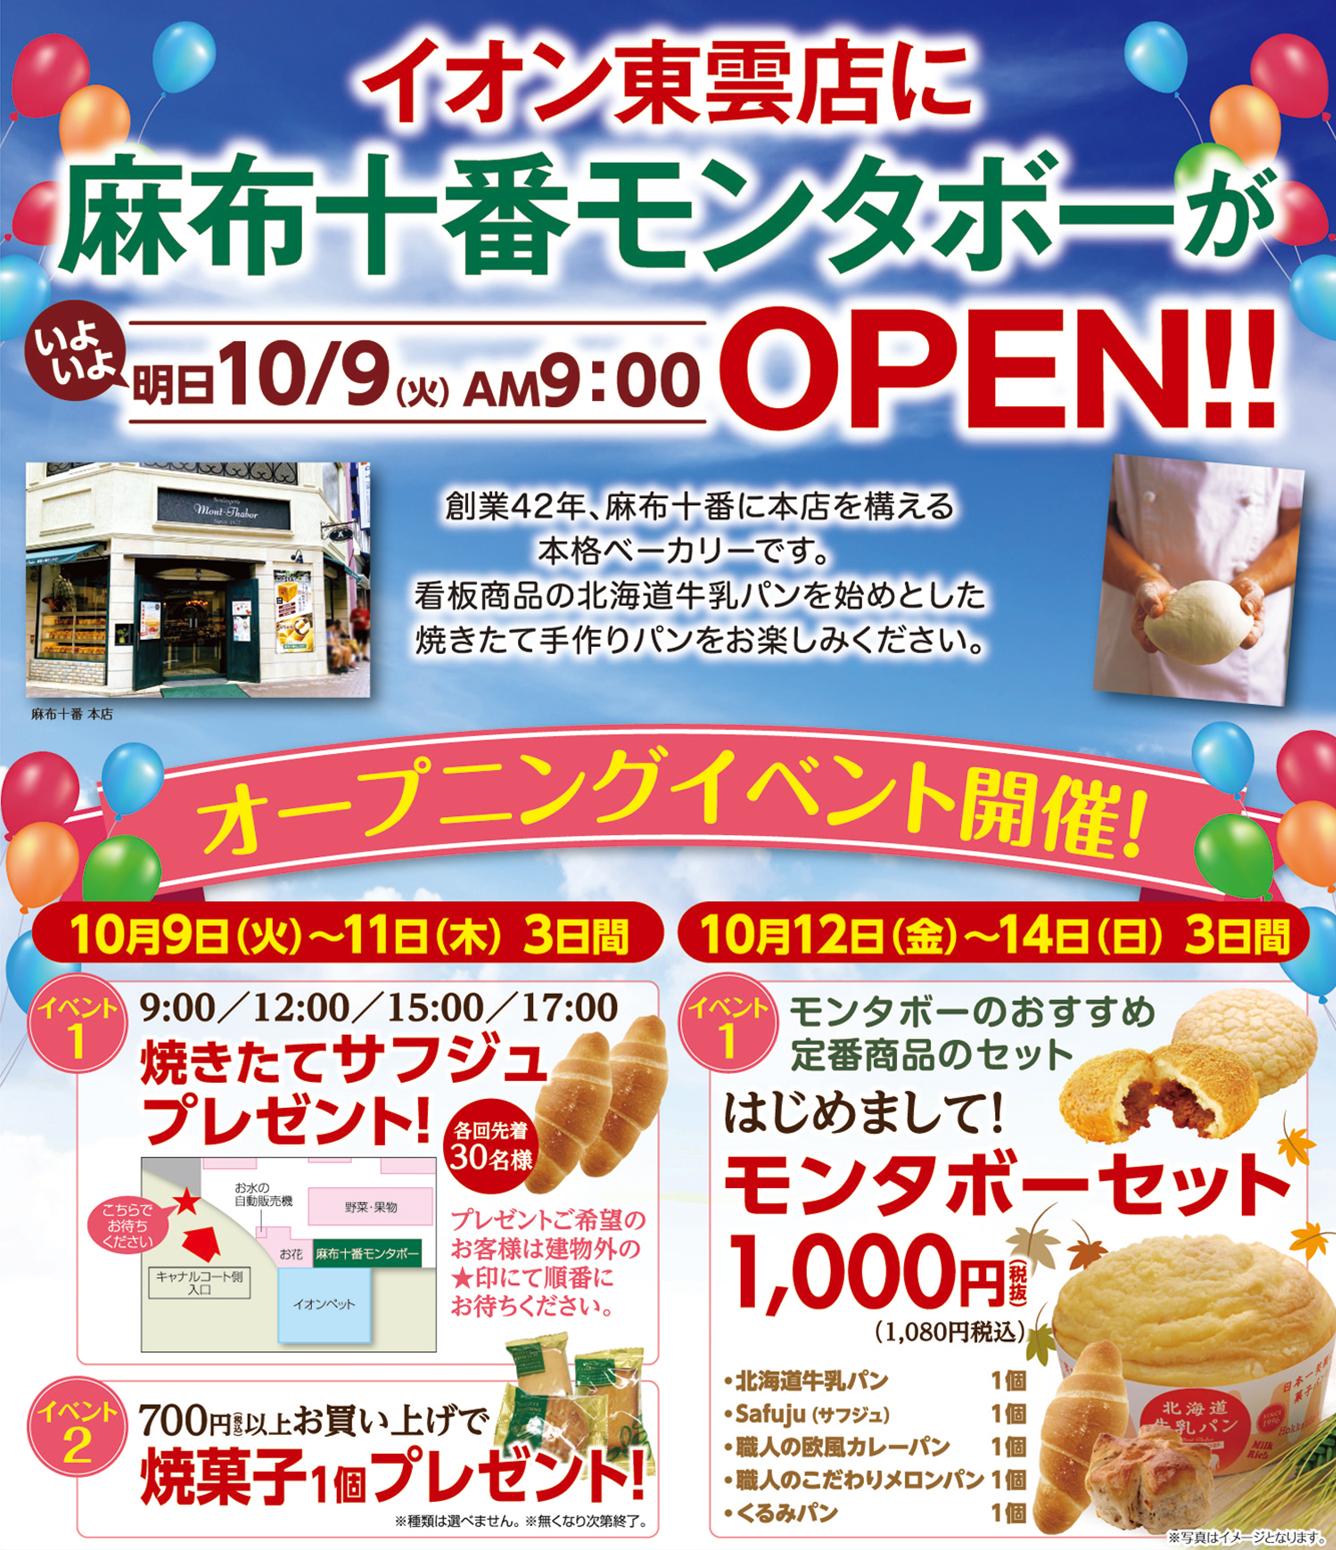 麻布十番モンタボー イオン東雲店